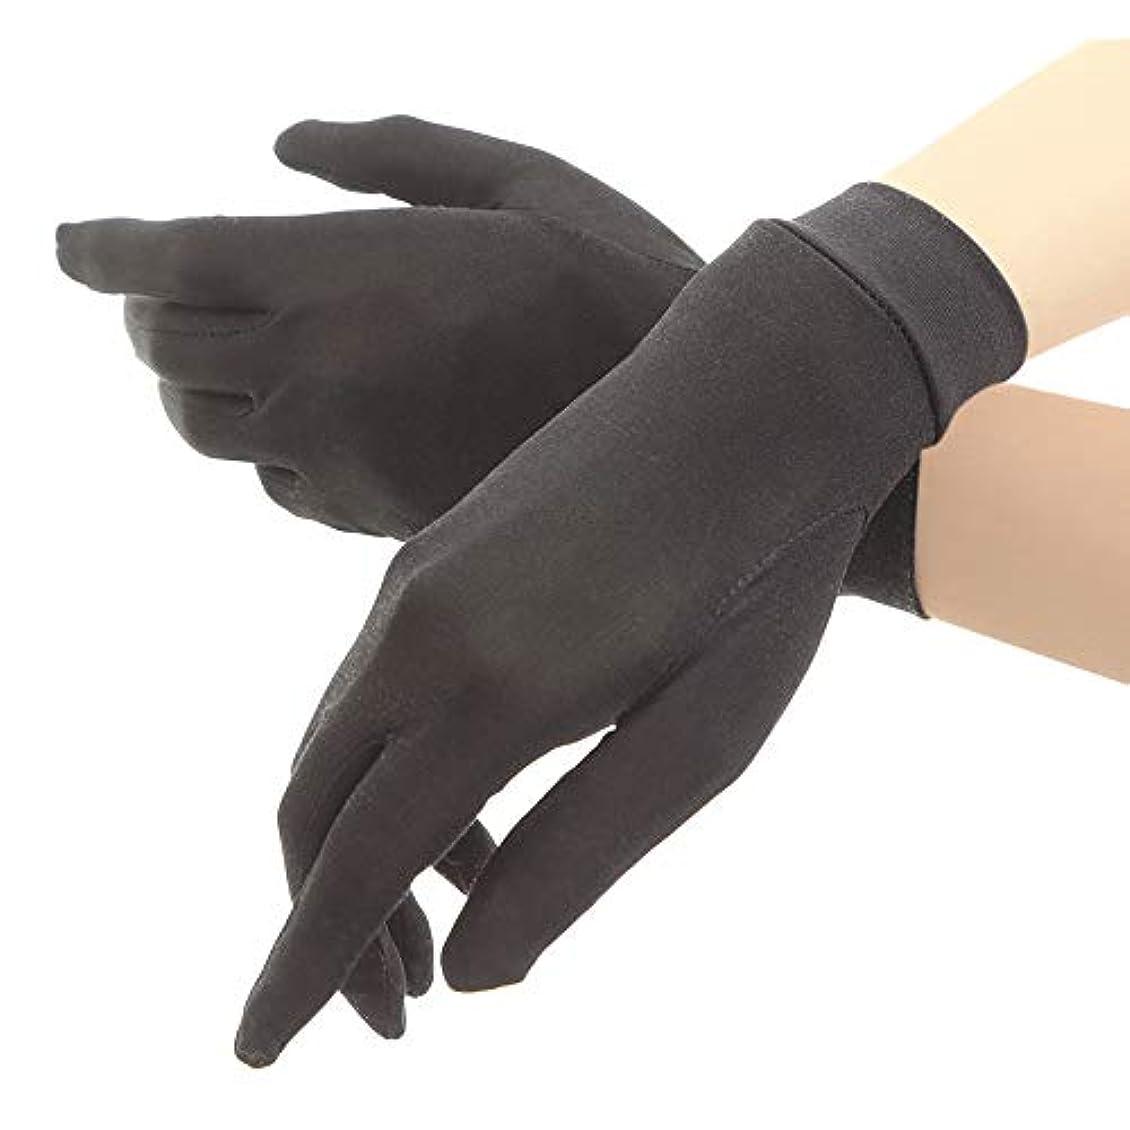 大胆不敵登録するバリーシルク手袋 レディース 手袋 シルク 絹 ハンド ケア 保湿 紫外線 肌荒れ 乾燥 サイズアップで手指にマッチ 【macch】